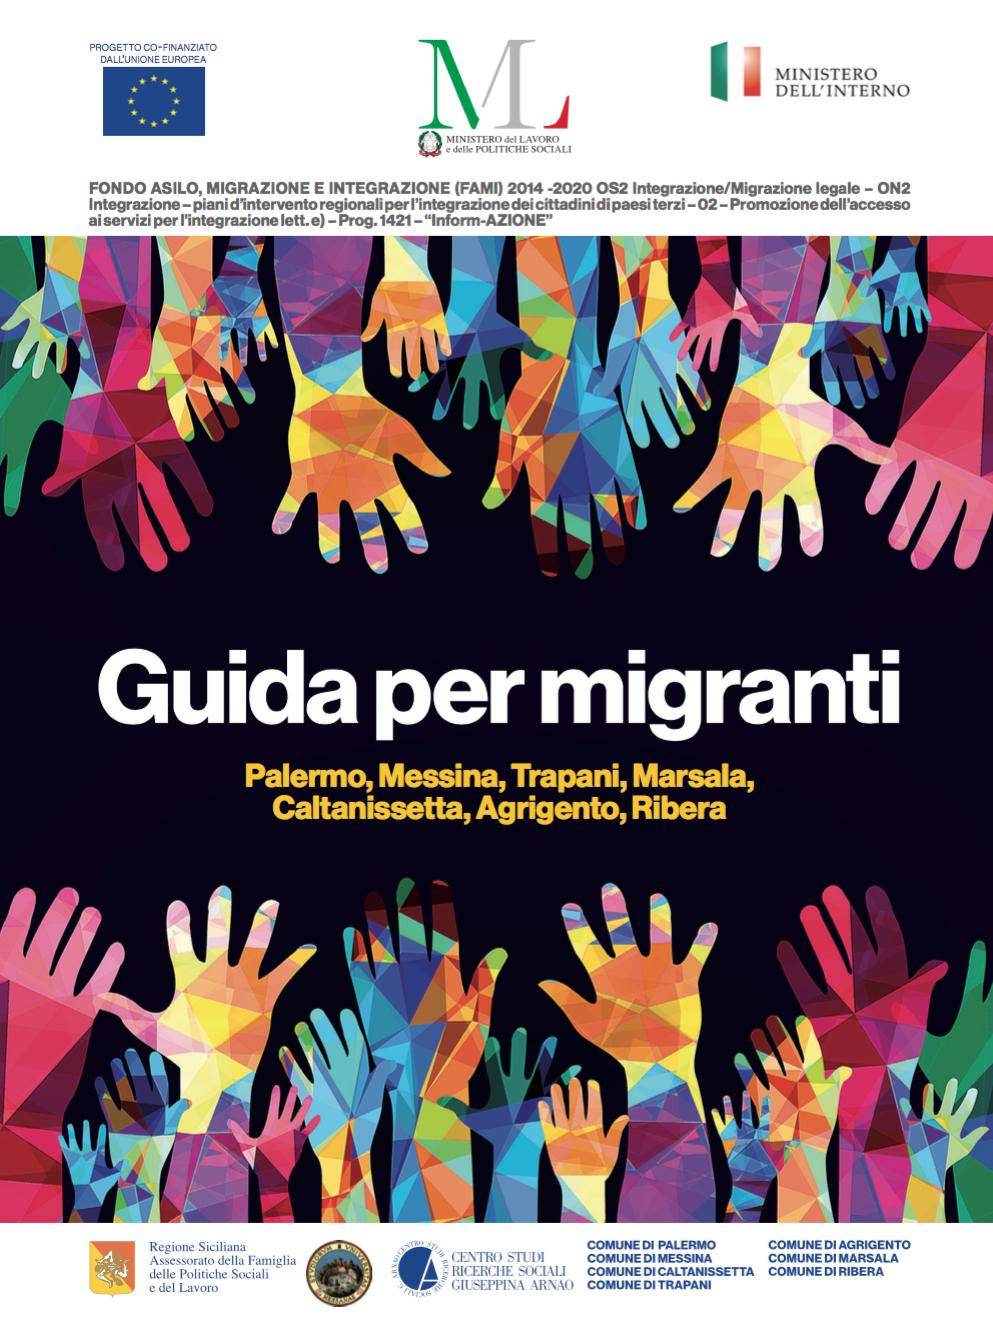 Guida per migranti